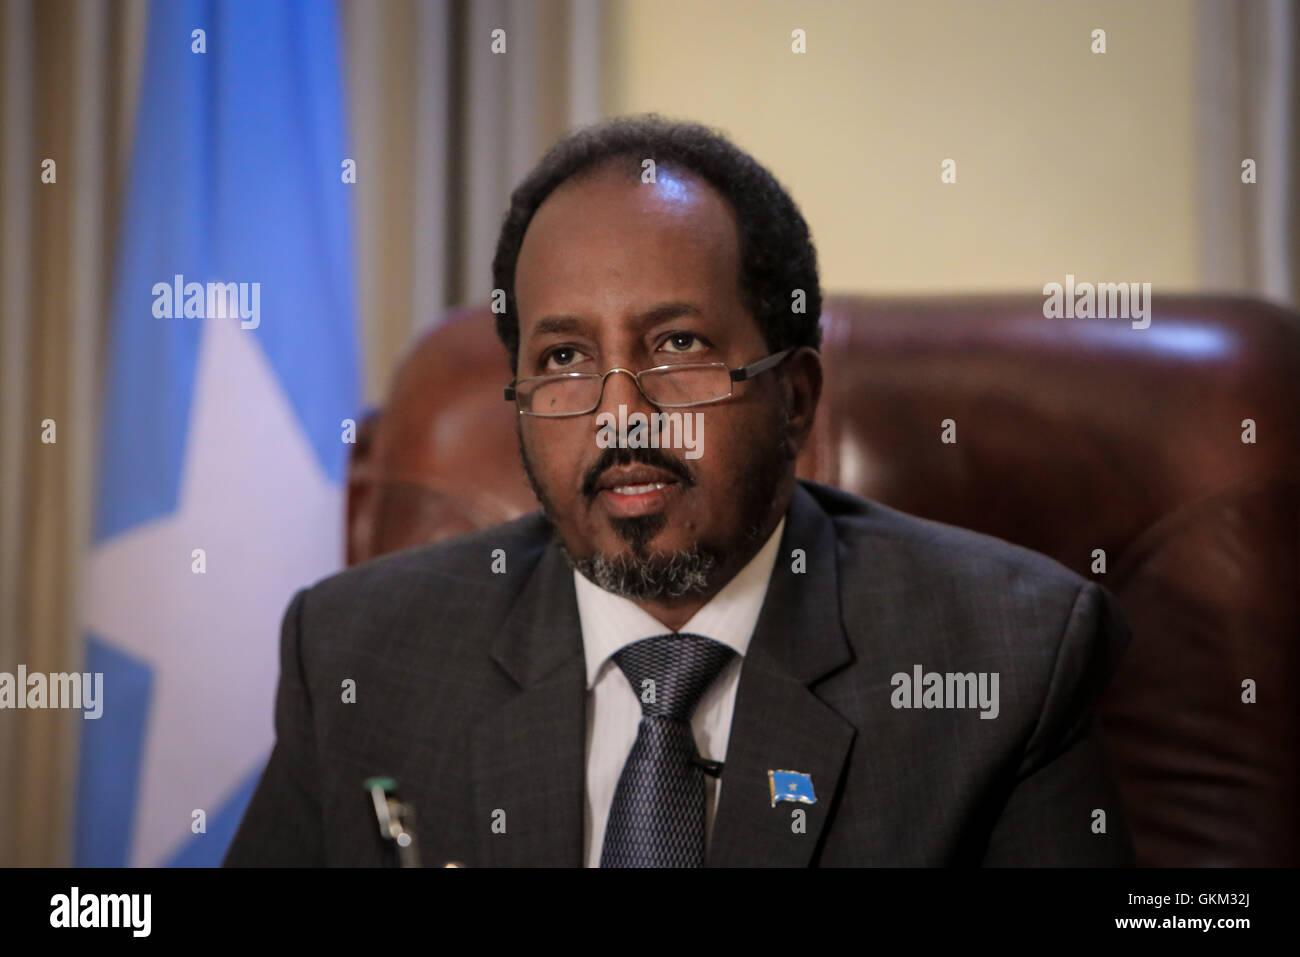 La Somalie, Mogadiscio: en photographie prise et publiée par l'Union africaine et l'équipe de support d'information des Nations Unies 19 avril 2013, le Président somalien Hassan Cheikh Mohamoud est vu dans son bureau à l'intérieur de la Villa Somalia, le complexe qui abrite le gouvernement somalien dans la capitale Mogadiscio. Énumérés dans la liste du Time des 100 personnes les plus influentes, Mohamud est président de la Somalie's premier gouvernement démocratiquement élu après deux décennies de guerre civile et de conflit l'agitation dans la Corne de l'Afrique nation. IST UA-ONU PHOTO / STUART PRICE. Banque D'Images